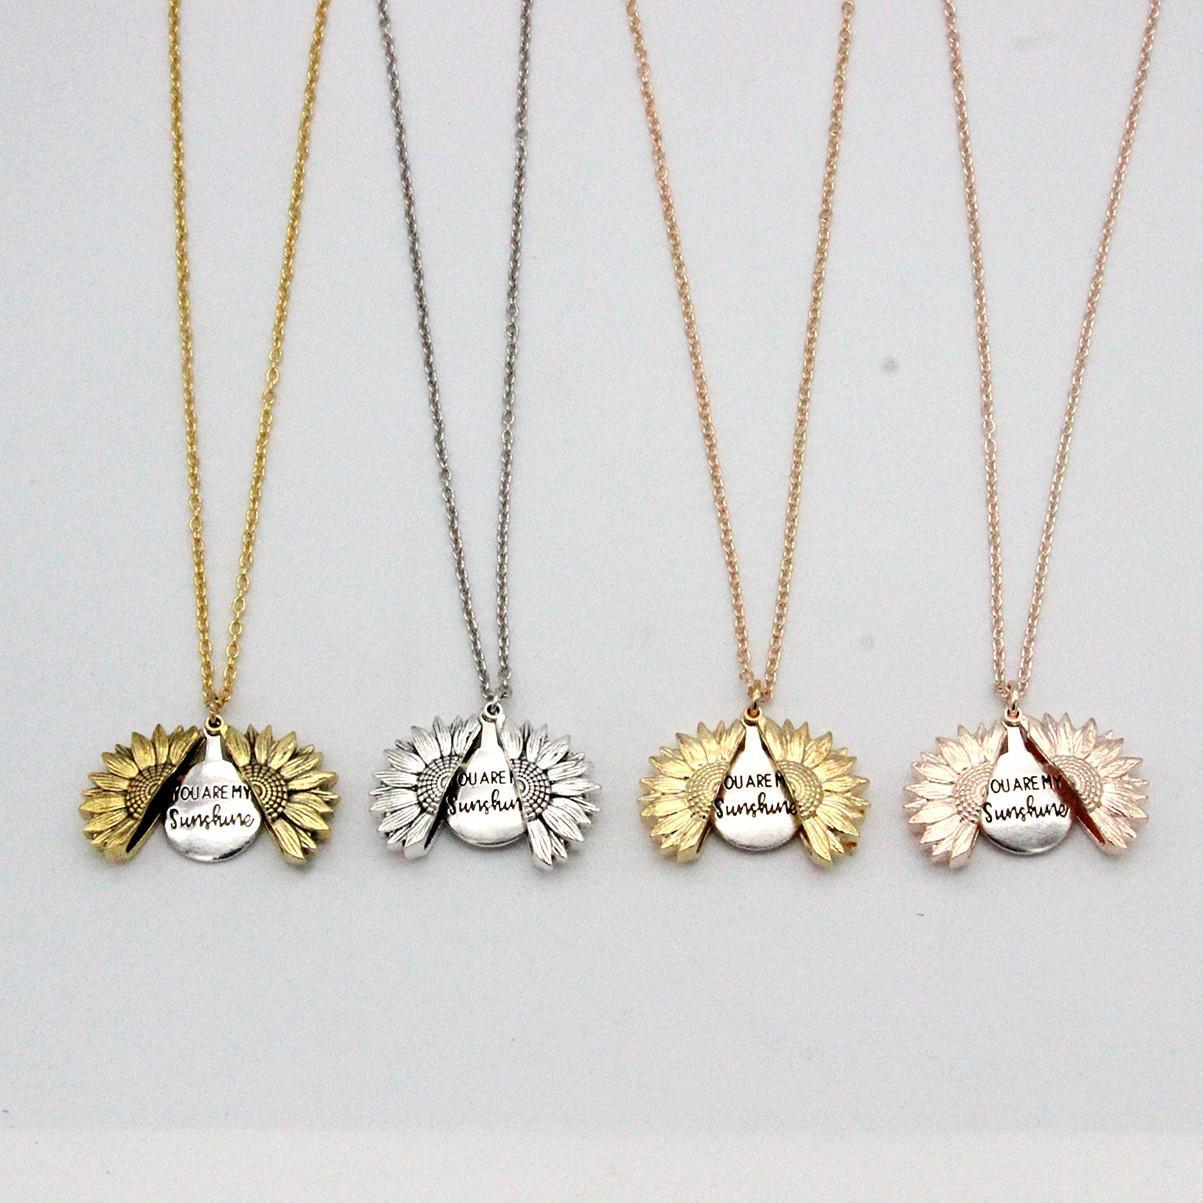 Sunflower Halskette Valentine Geschenk GoldLocket Can Open-Anhänger-Halskette Sie sind mein Sonnenschein Gravierte Claviclekette für Frau Geschenk A03